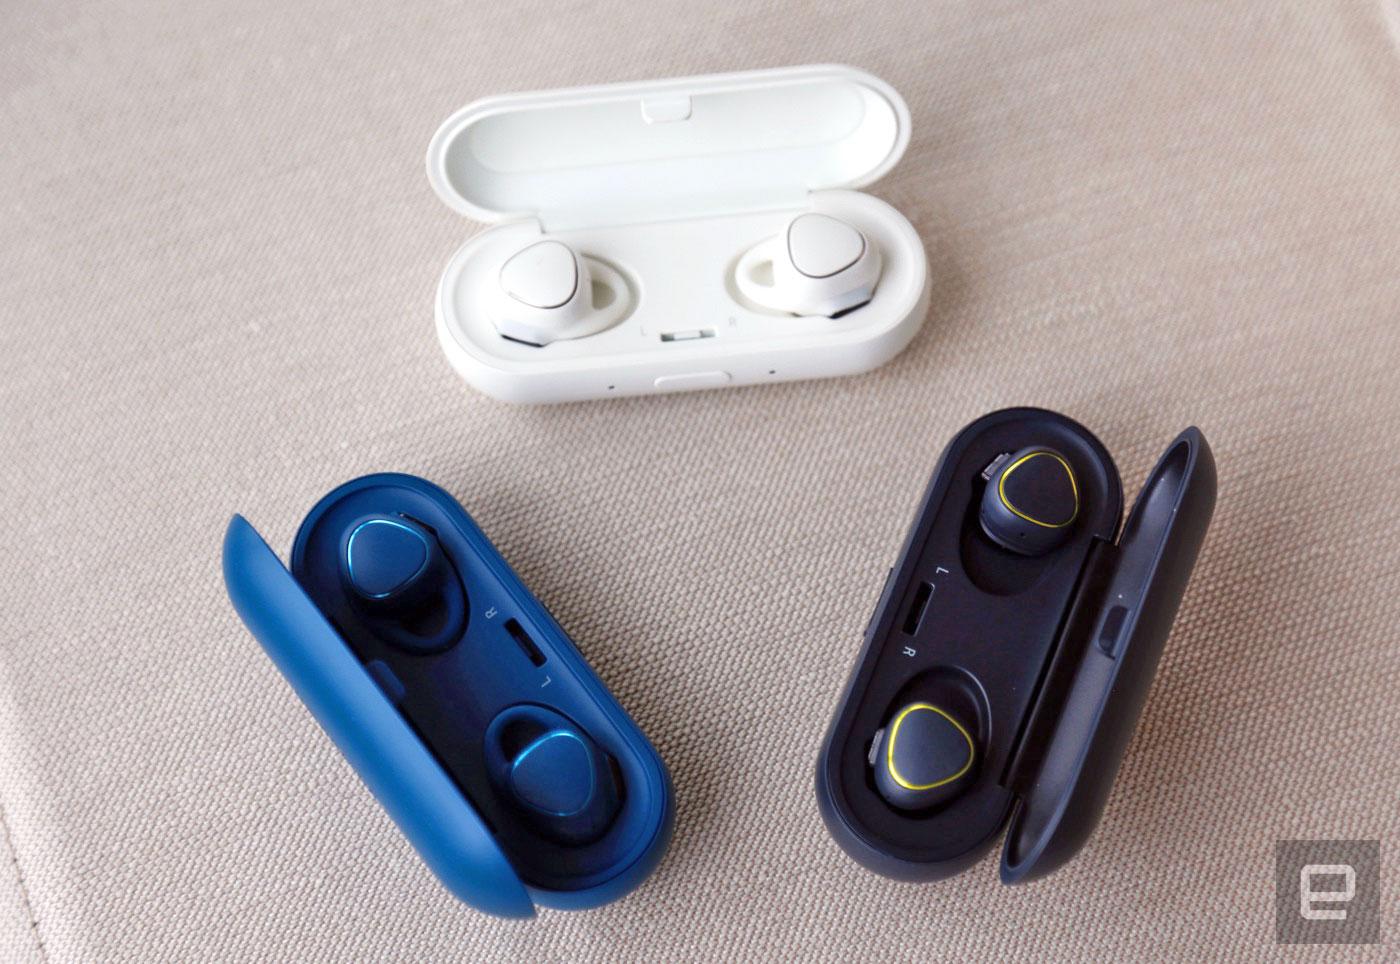 三星的 Gear IconX 耳机在听歌之余还能记录你的步数、心率